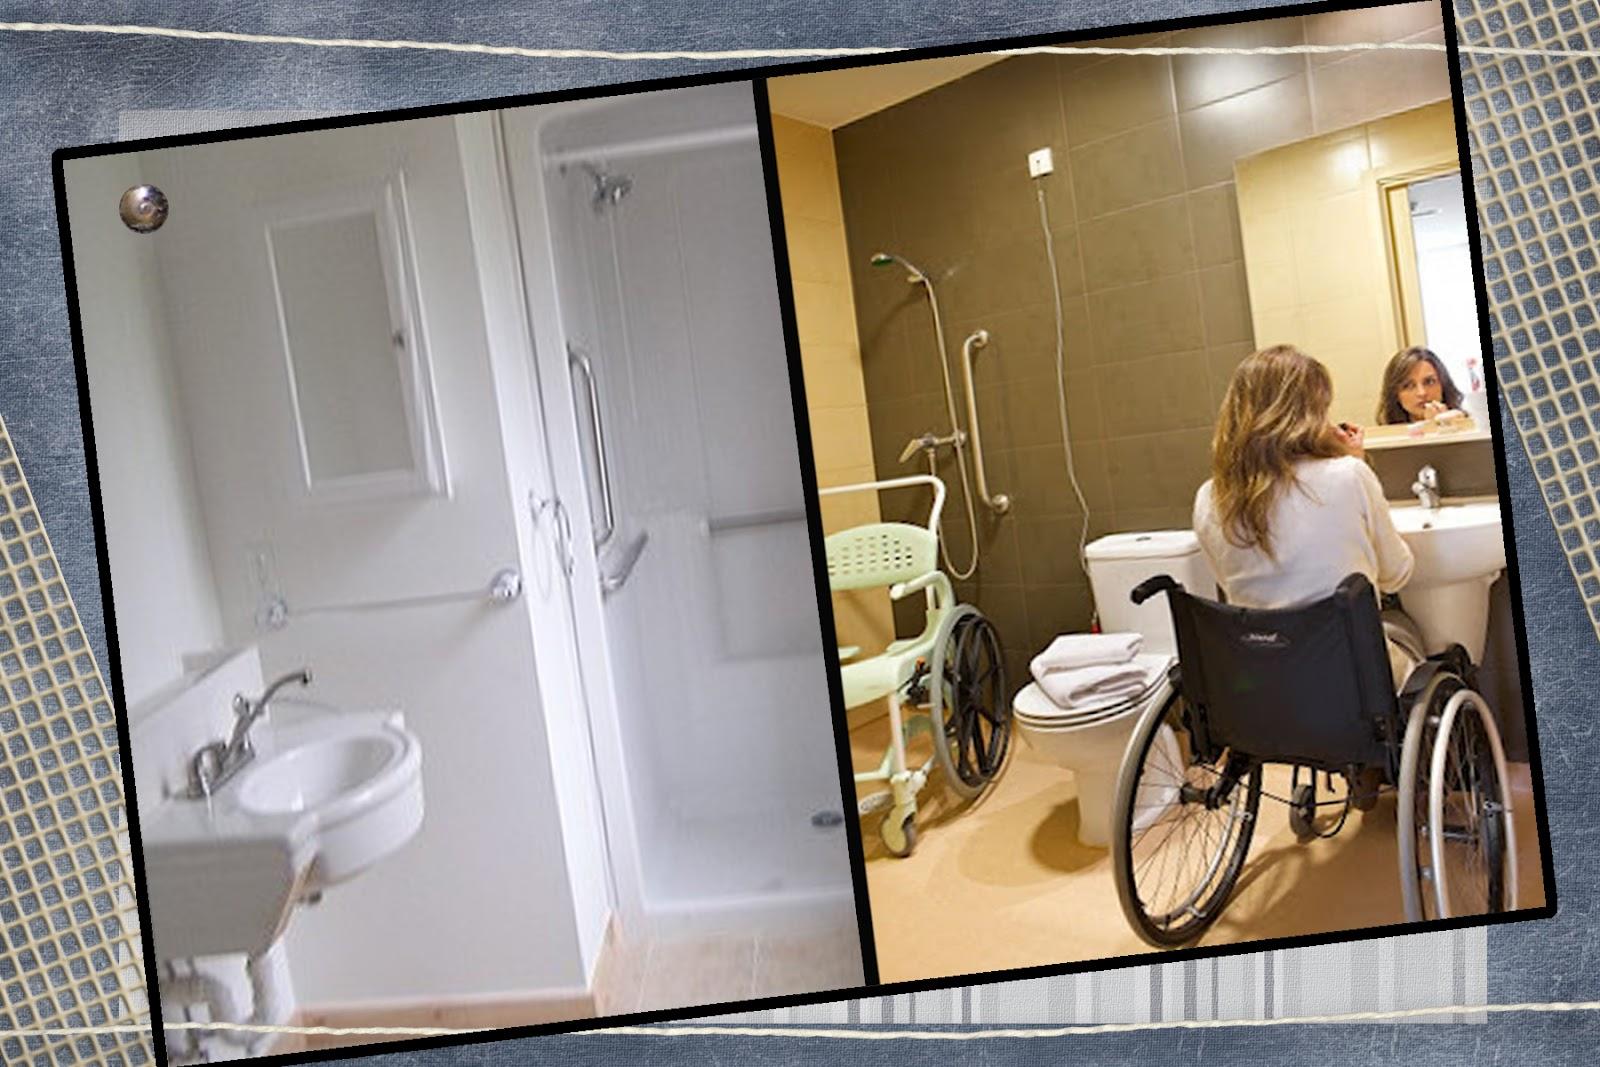 : Como devem ser os banheiros para deficientes físicos/cadeirante #644A27 1600 1067